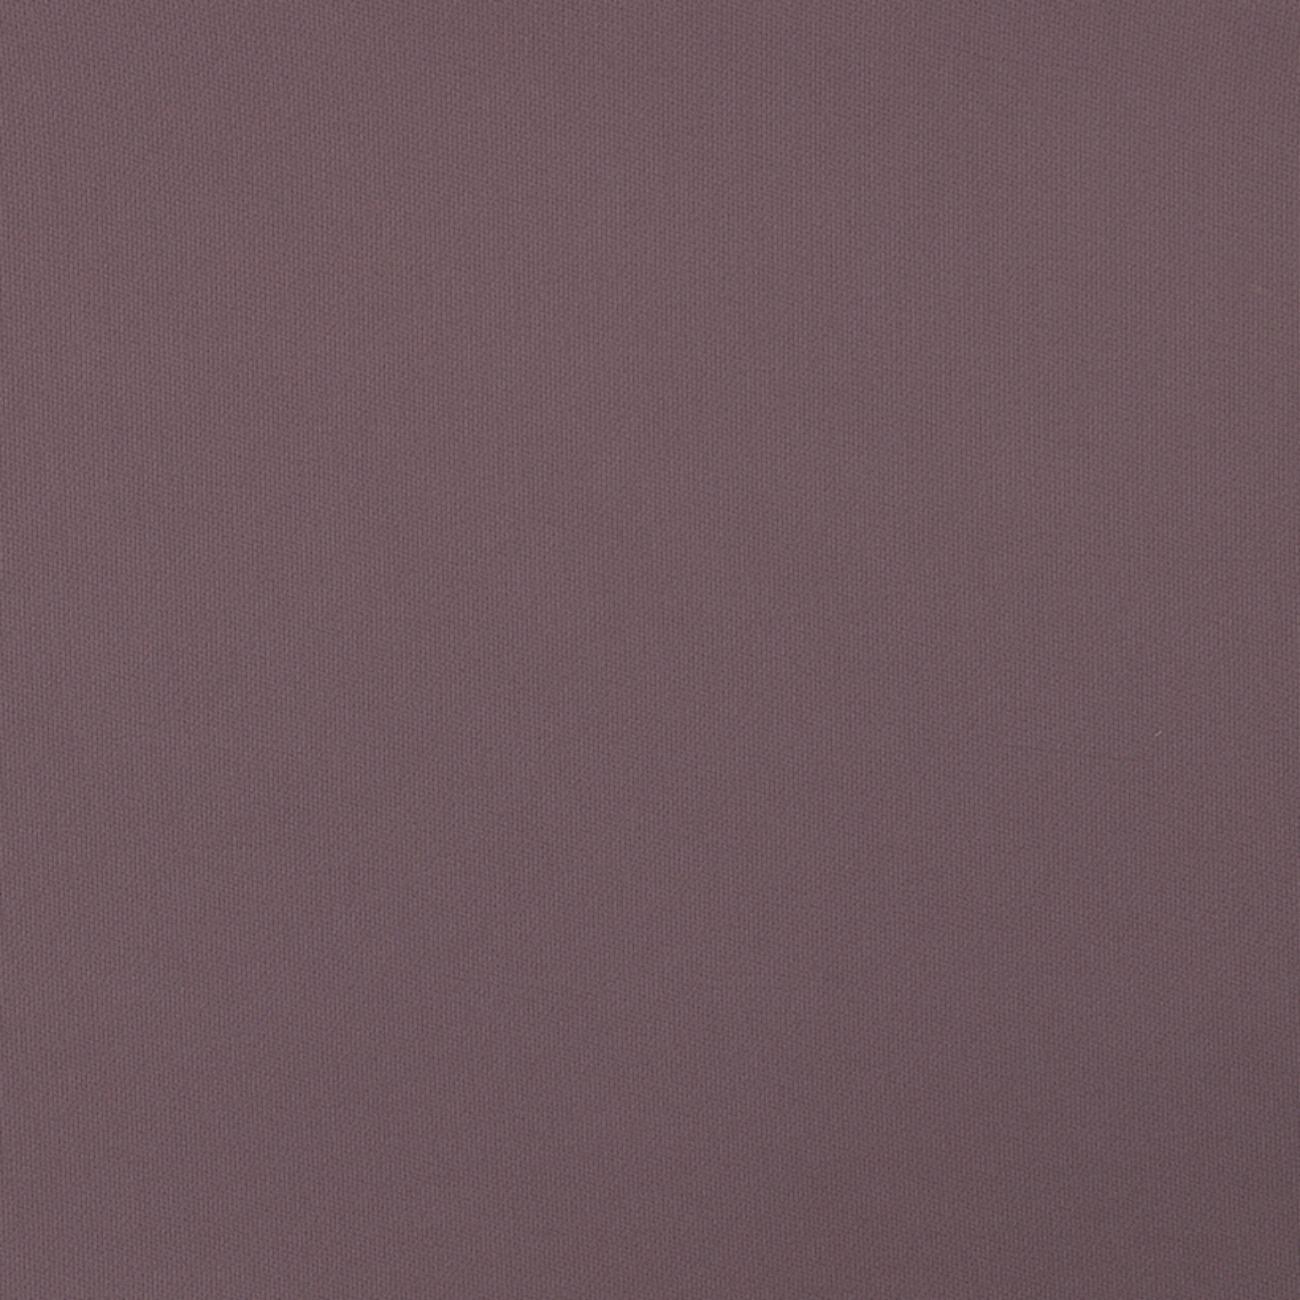 素色针织 无弹 双面 外套 上衣 无光 柔软 细腻 春秋 内搭 裙子 裤子 70315-51